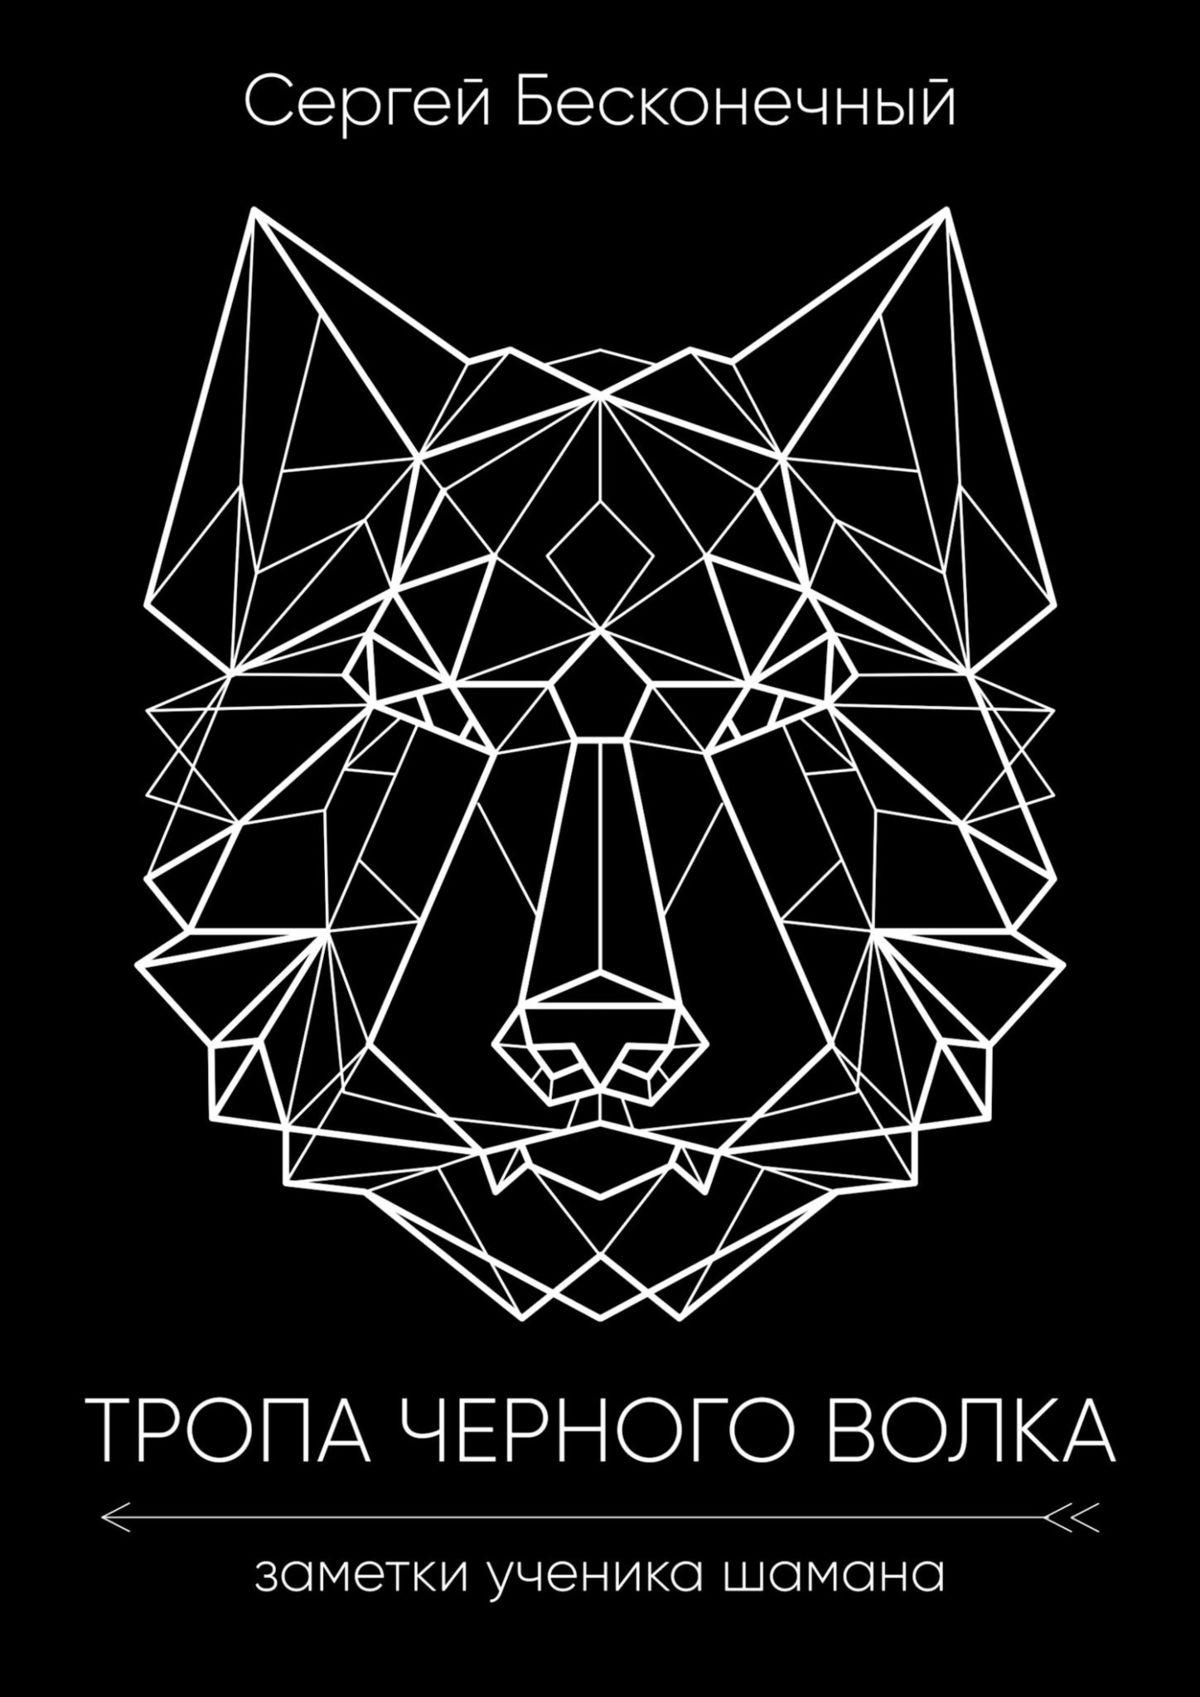 Тропа чёрного волка: Заметки ученика шамана